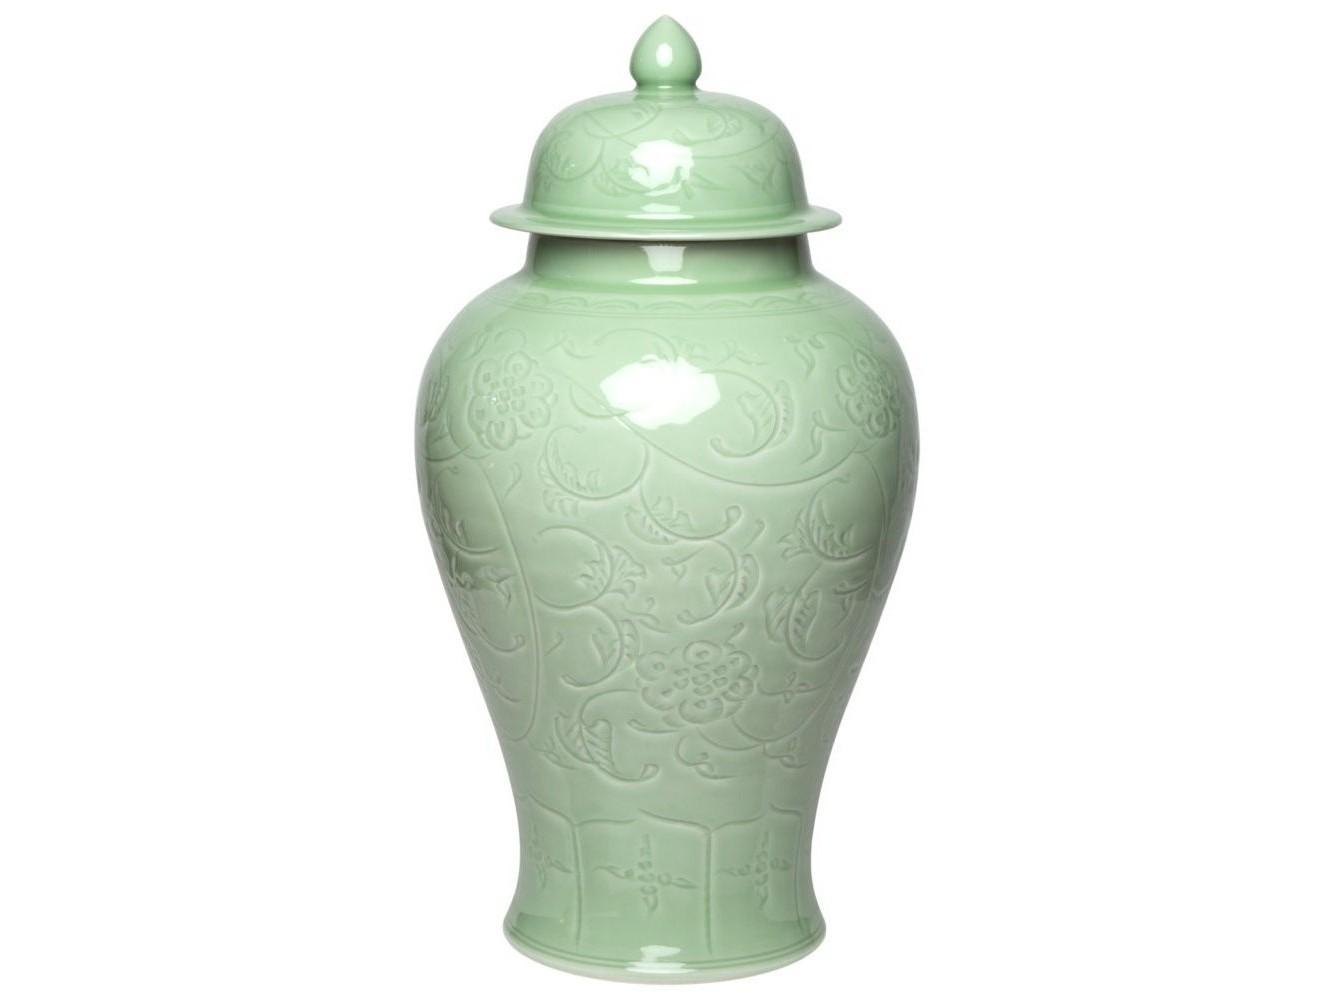 Ваза настольная TraditionalВазы<br><br><br>Material: Керамика<br>Высота см: 46.0